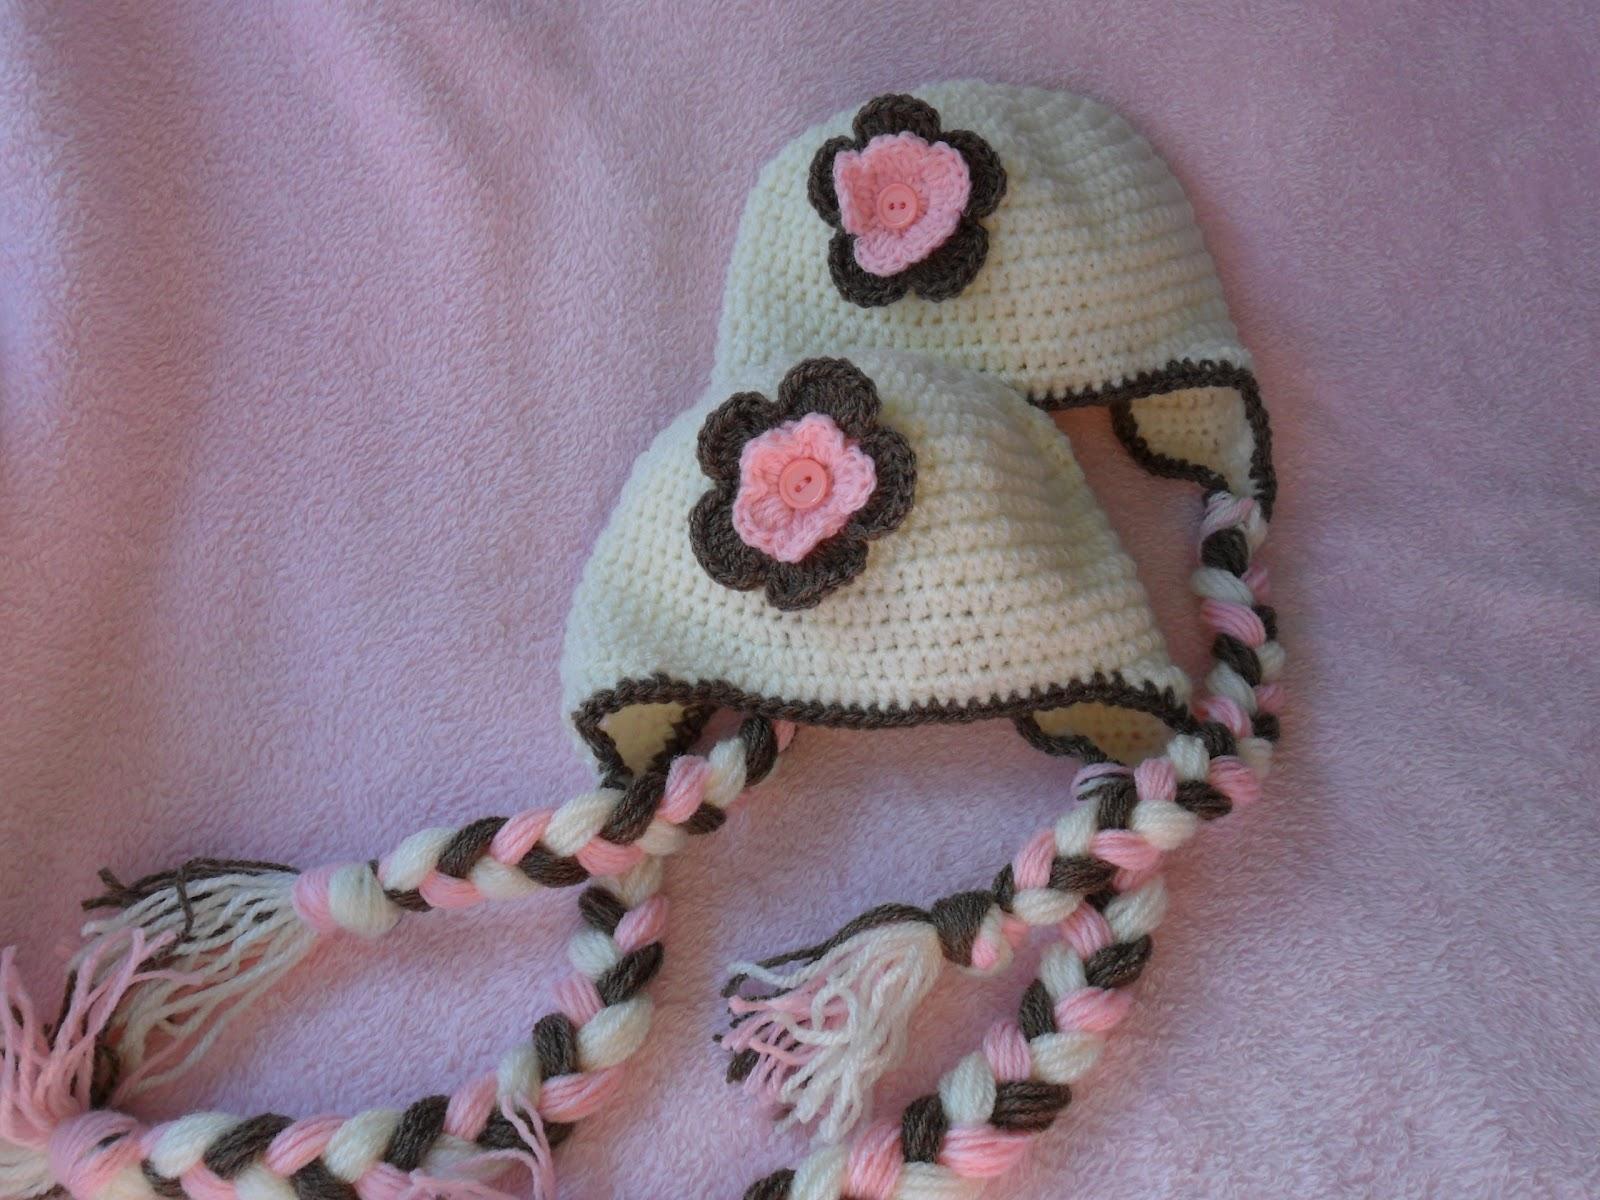 de Crochê Tapetes de Crochê Jogos de Cozinhas Jogos de Banheiros #7F4C59 1600x1200 Balança De Banheiro G Life